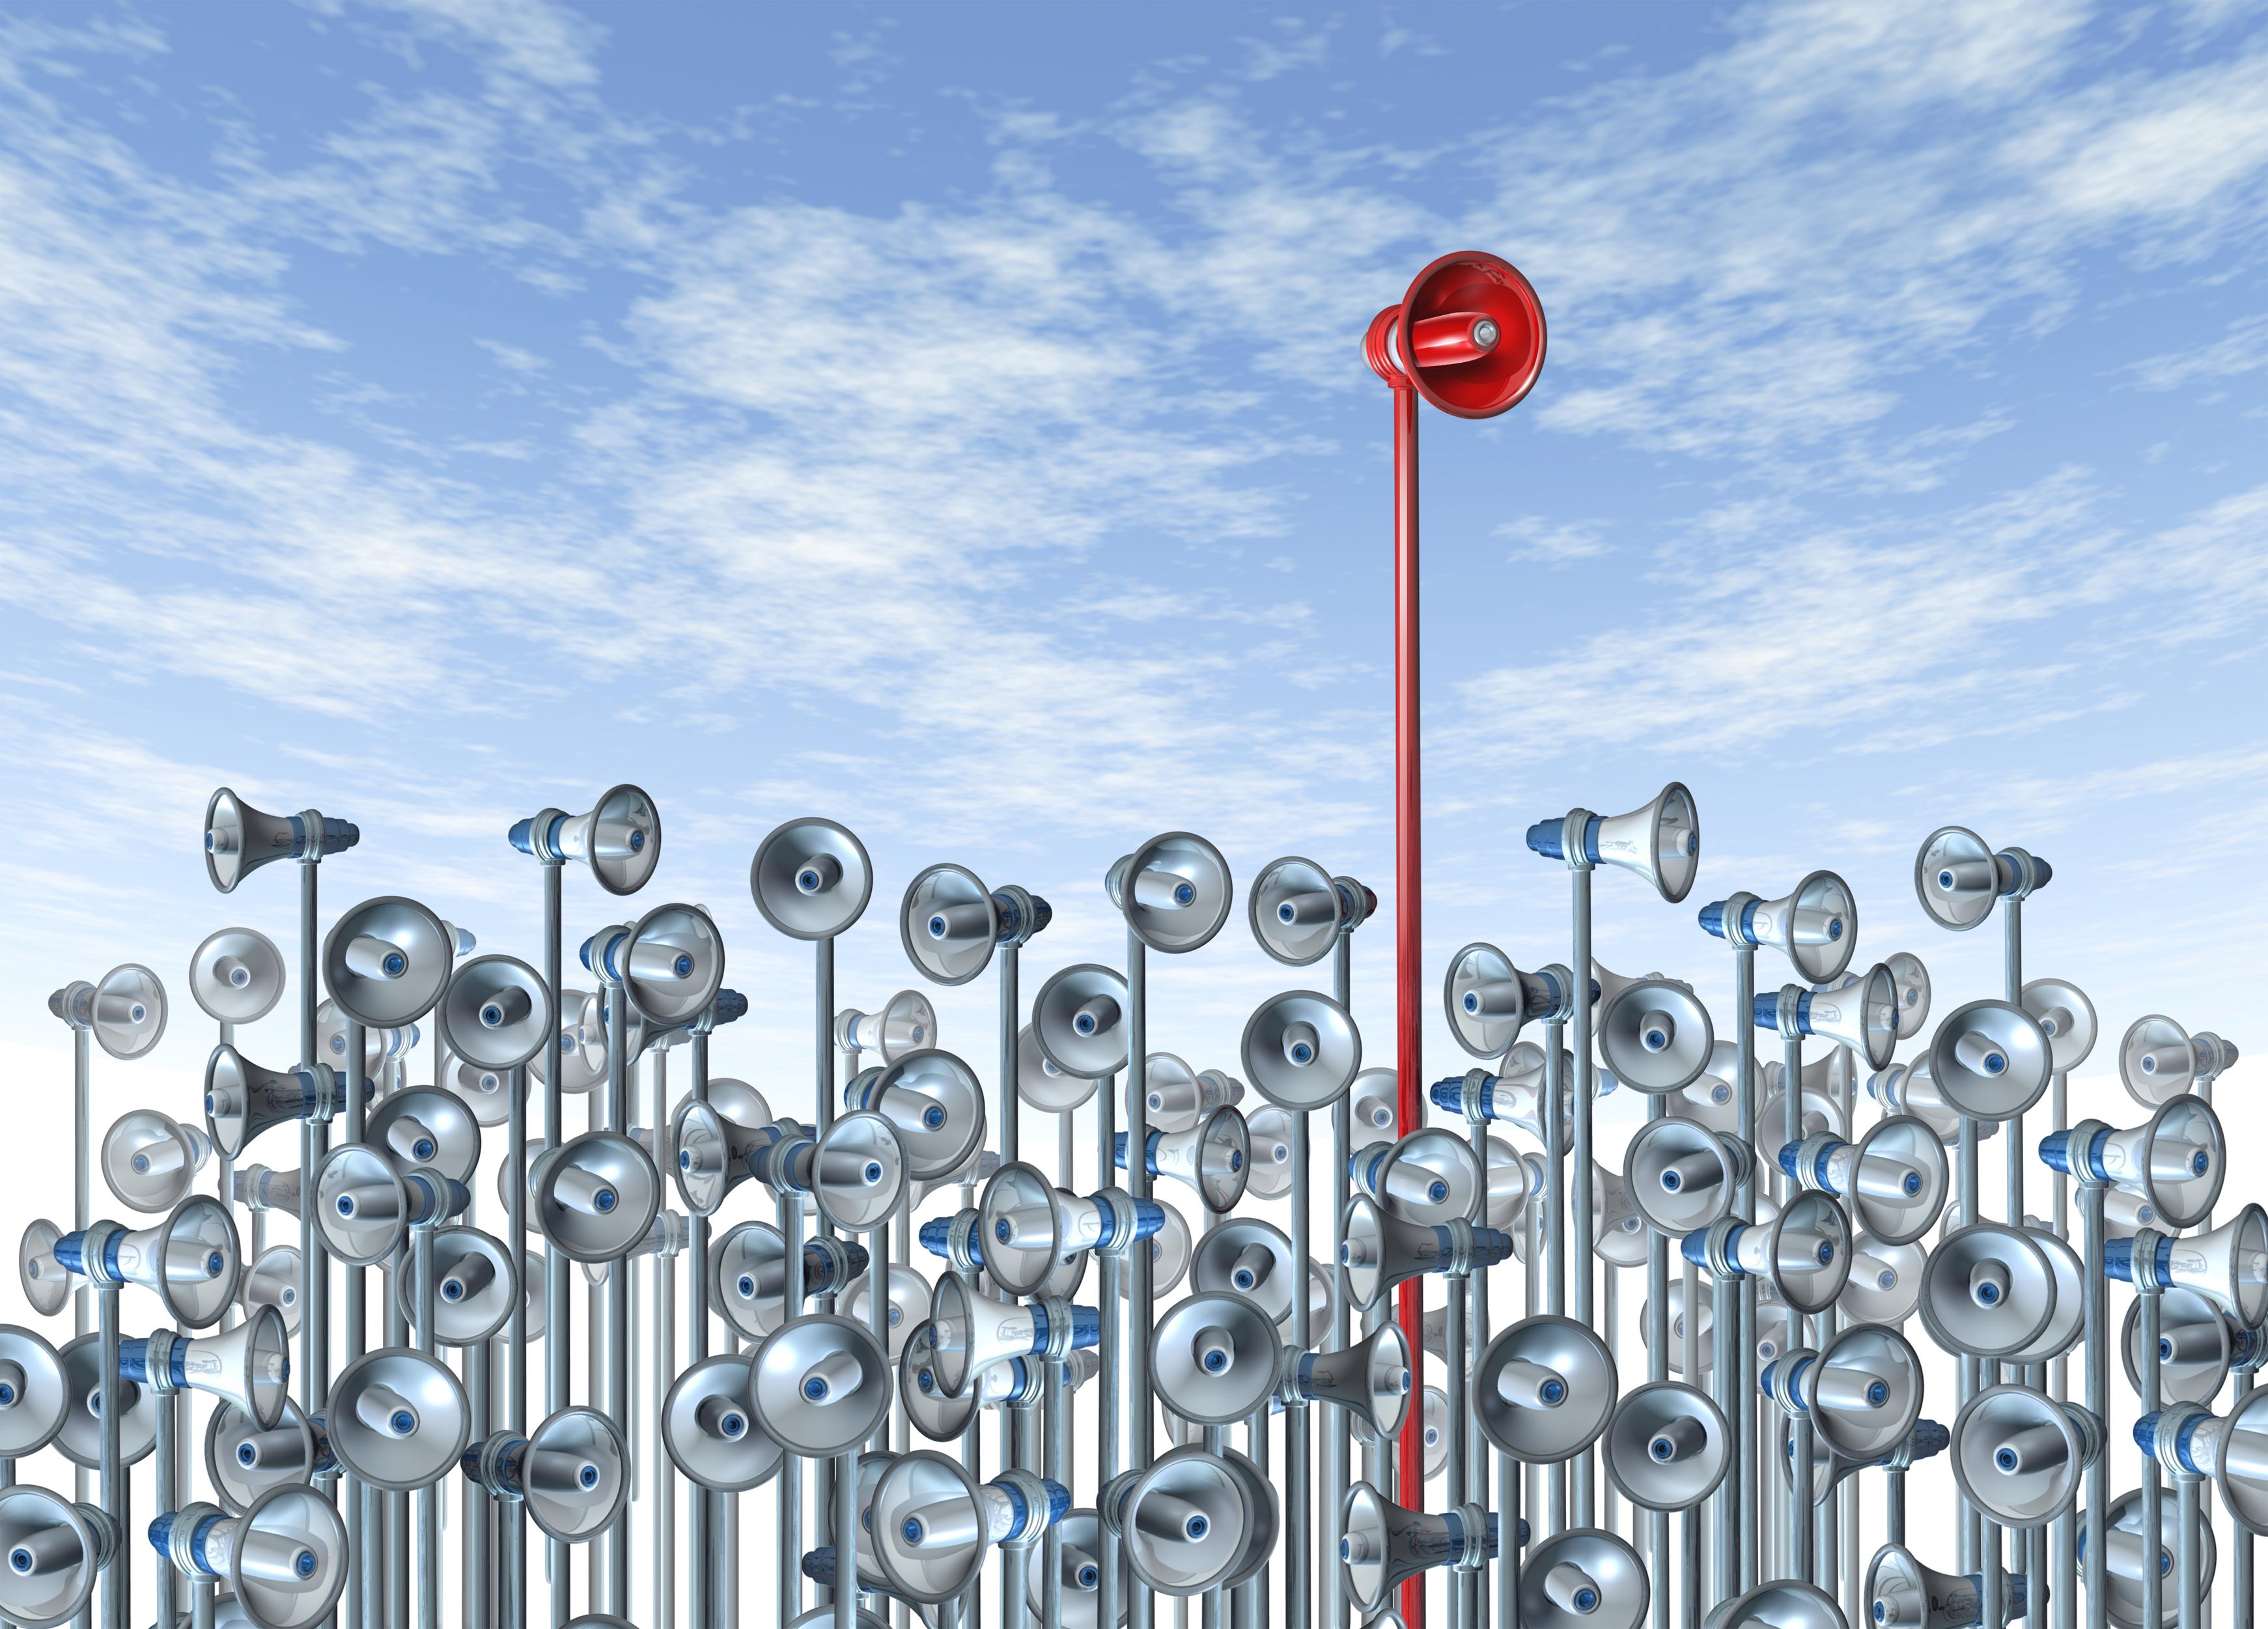 Sosyal Medya Kısıtlamalarına Rağmen, İlaç Firmalarının Aktiviteleri